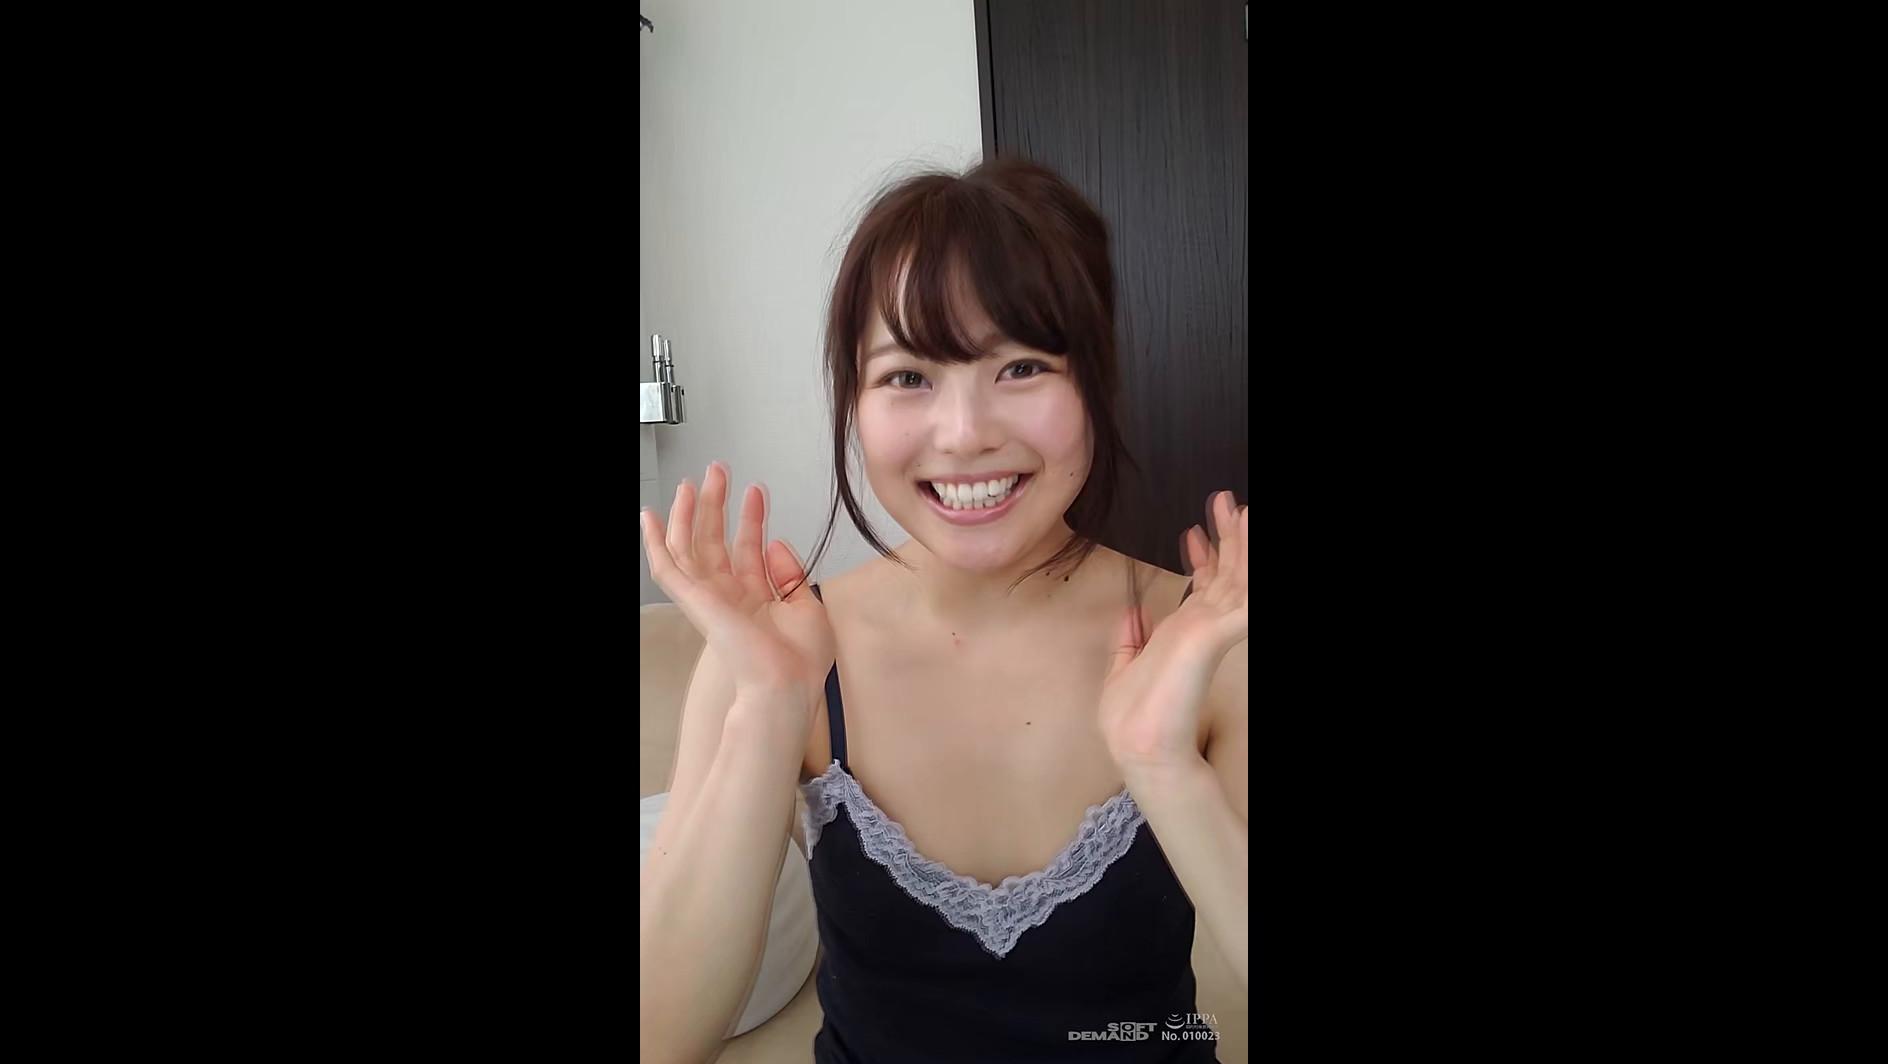 ビデオ通話エッチ JOI ちはる 【縦動画】 画像3